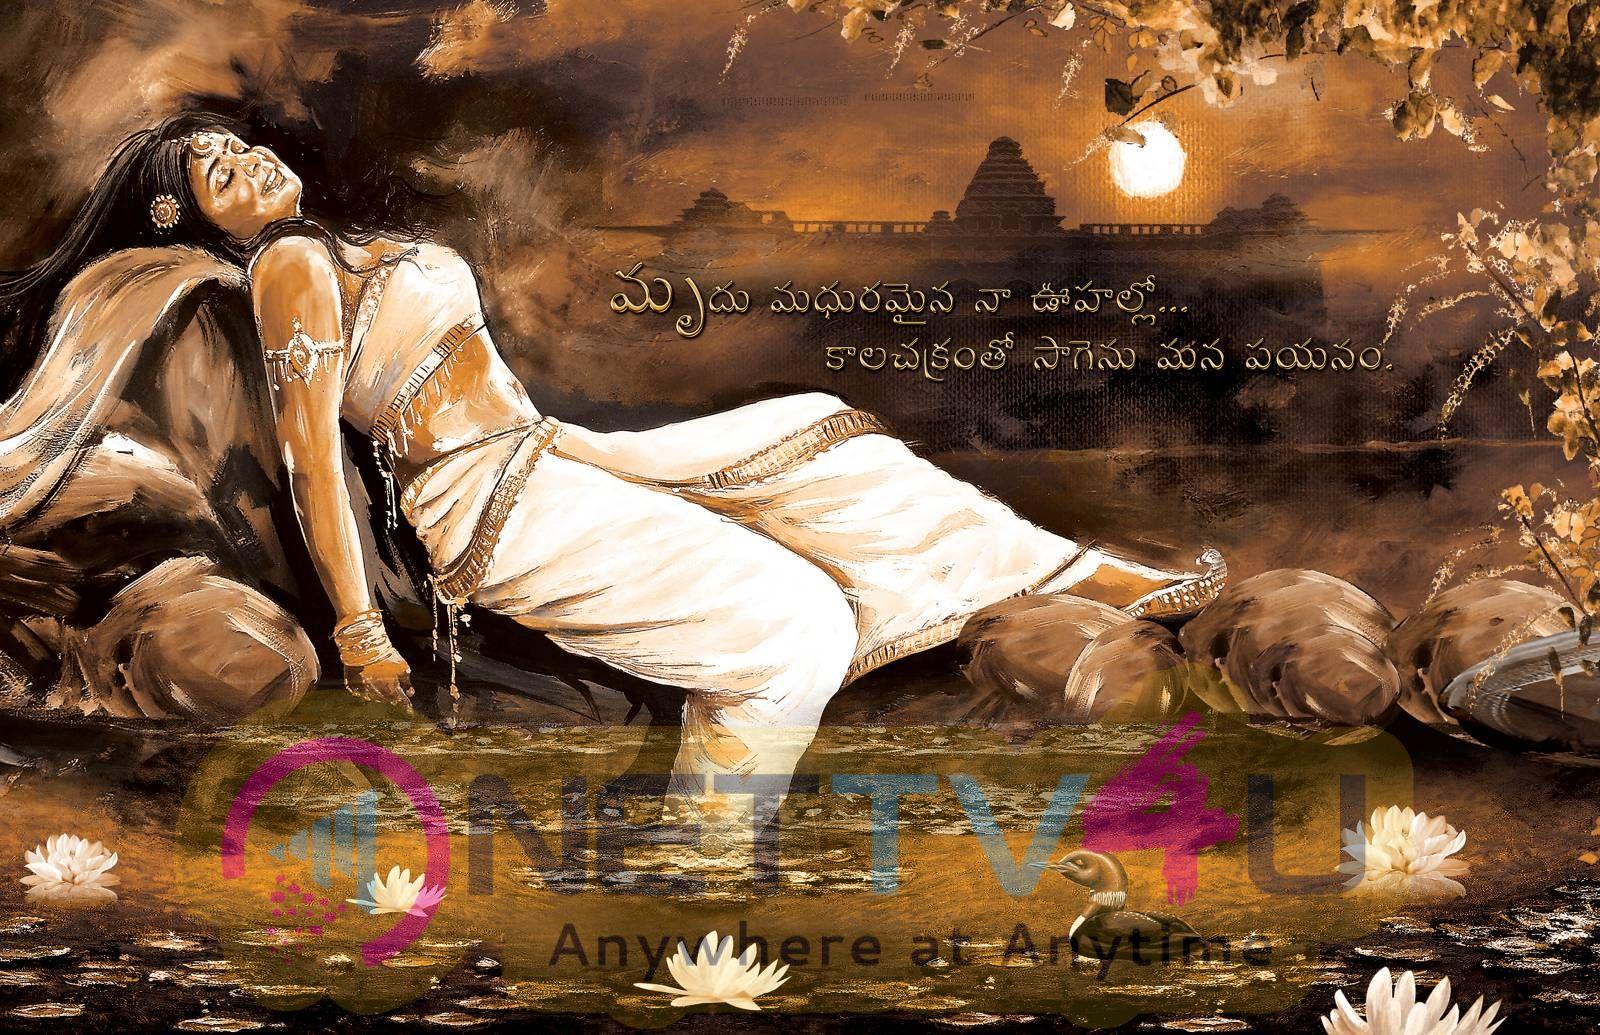 Angulika Movie Posters Telugu Gallery